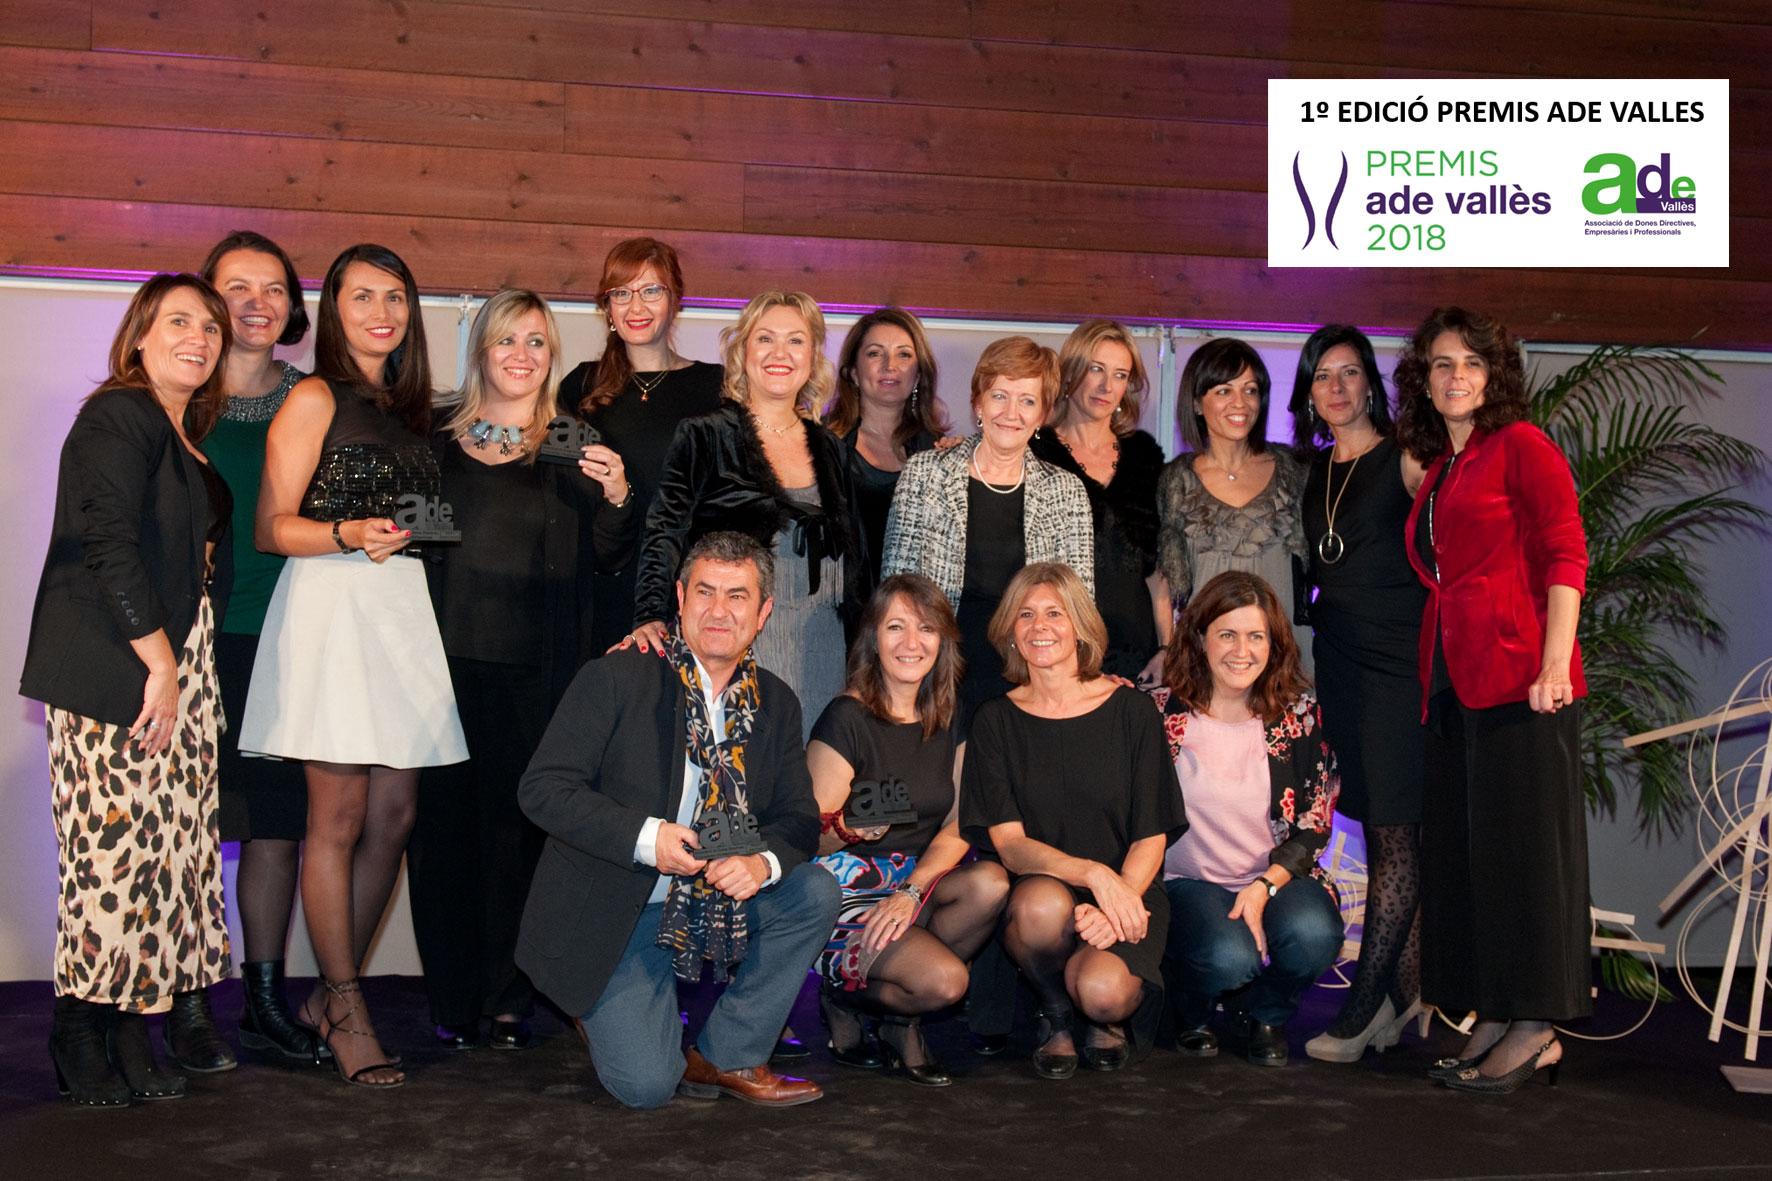 Foto de família amb les premiades i autoritats